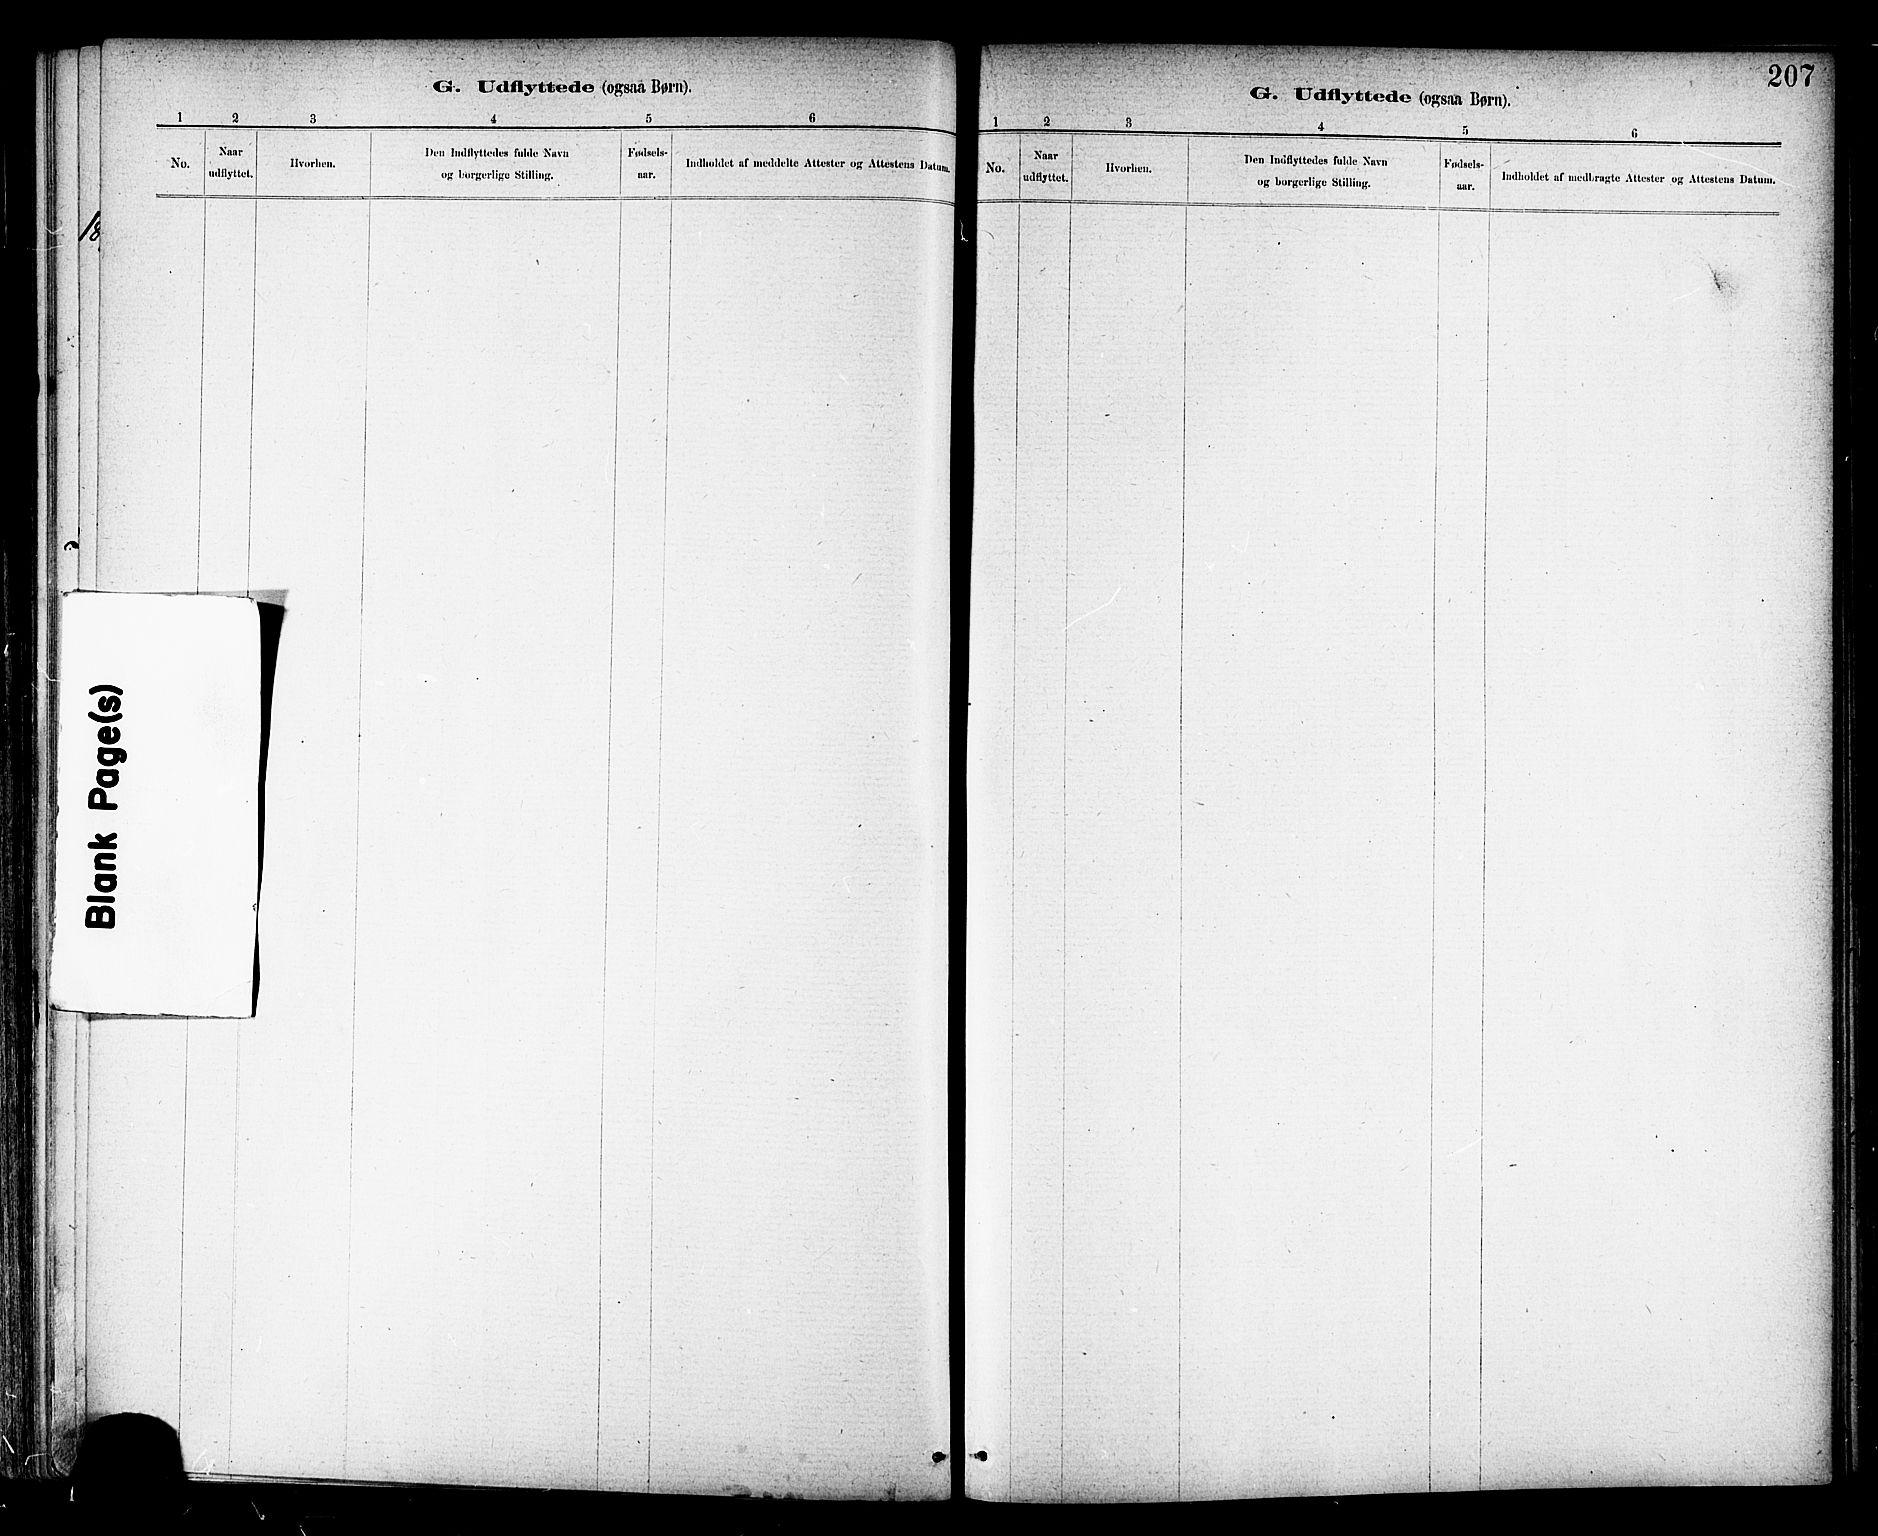 SAT, Ministerialprotokoller, klokkerbøker og fødselsregistre - Nord-Trøndelag, 703/L0030: Ministerialbok nr. 703A03, 1880-1892, s. 207